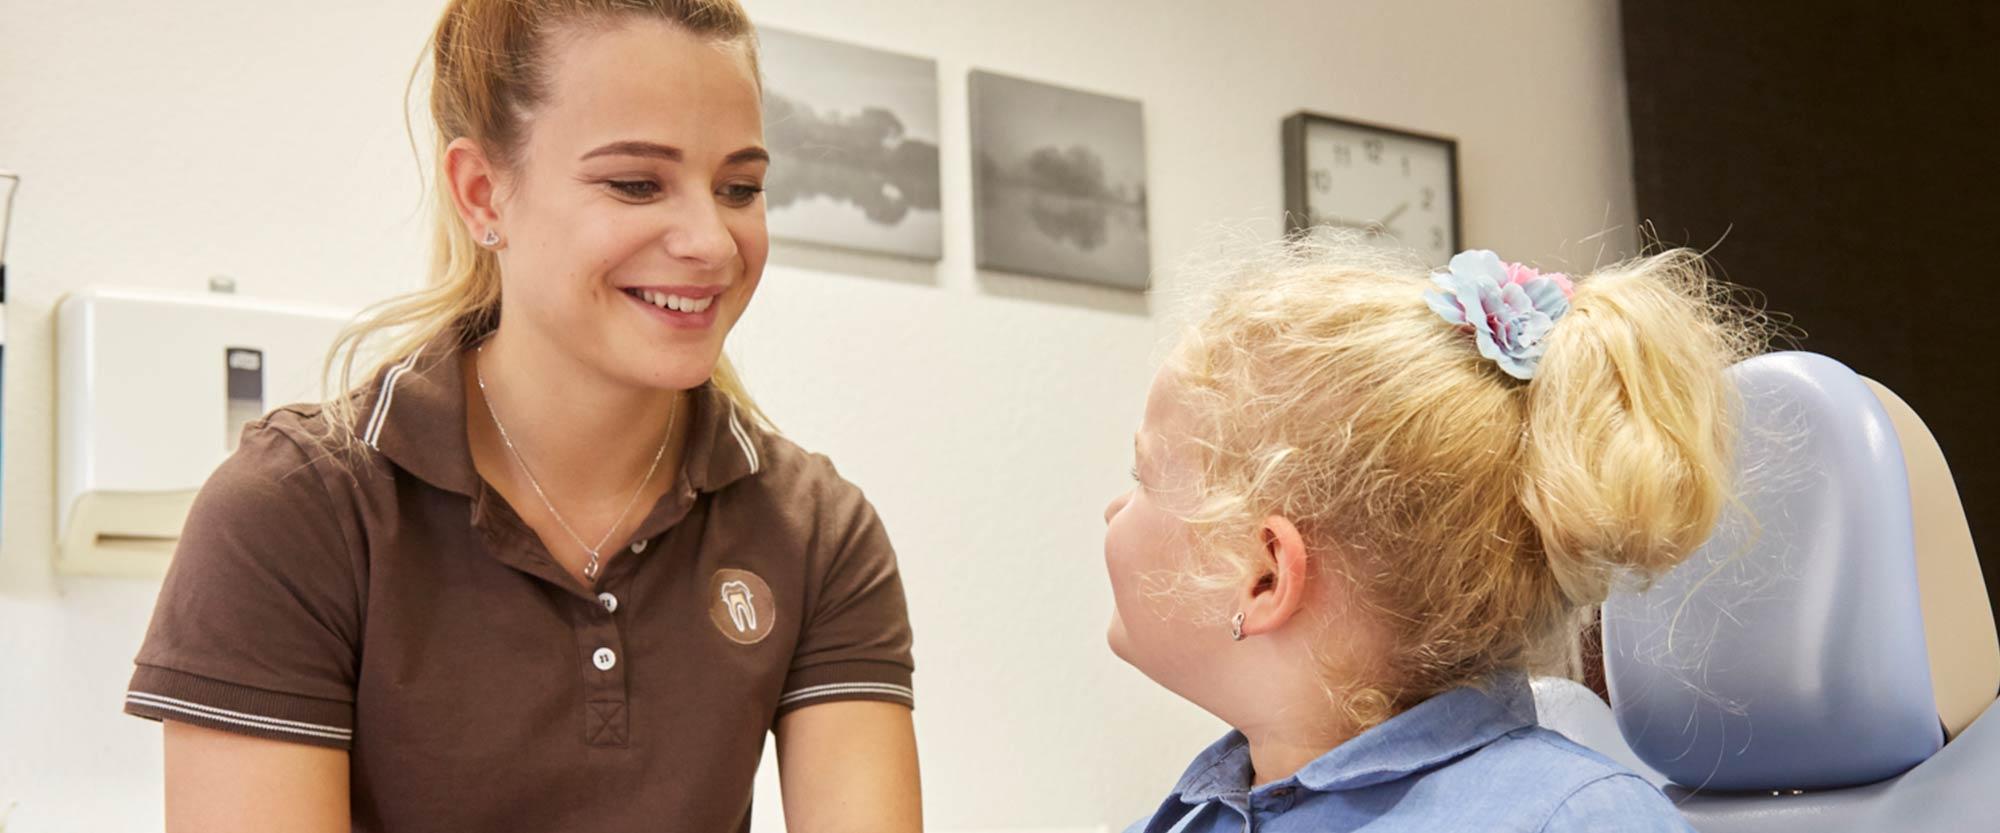 Selina Schimmank lächelt Mädchen an, dem sie Tipps für das Zähneputzen gegeben hat.